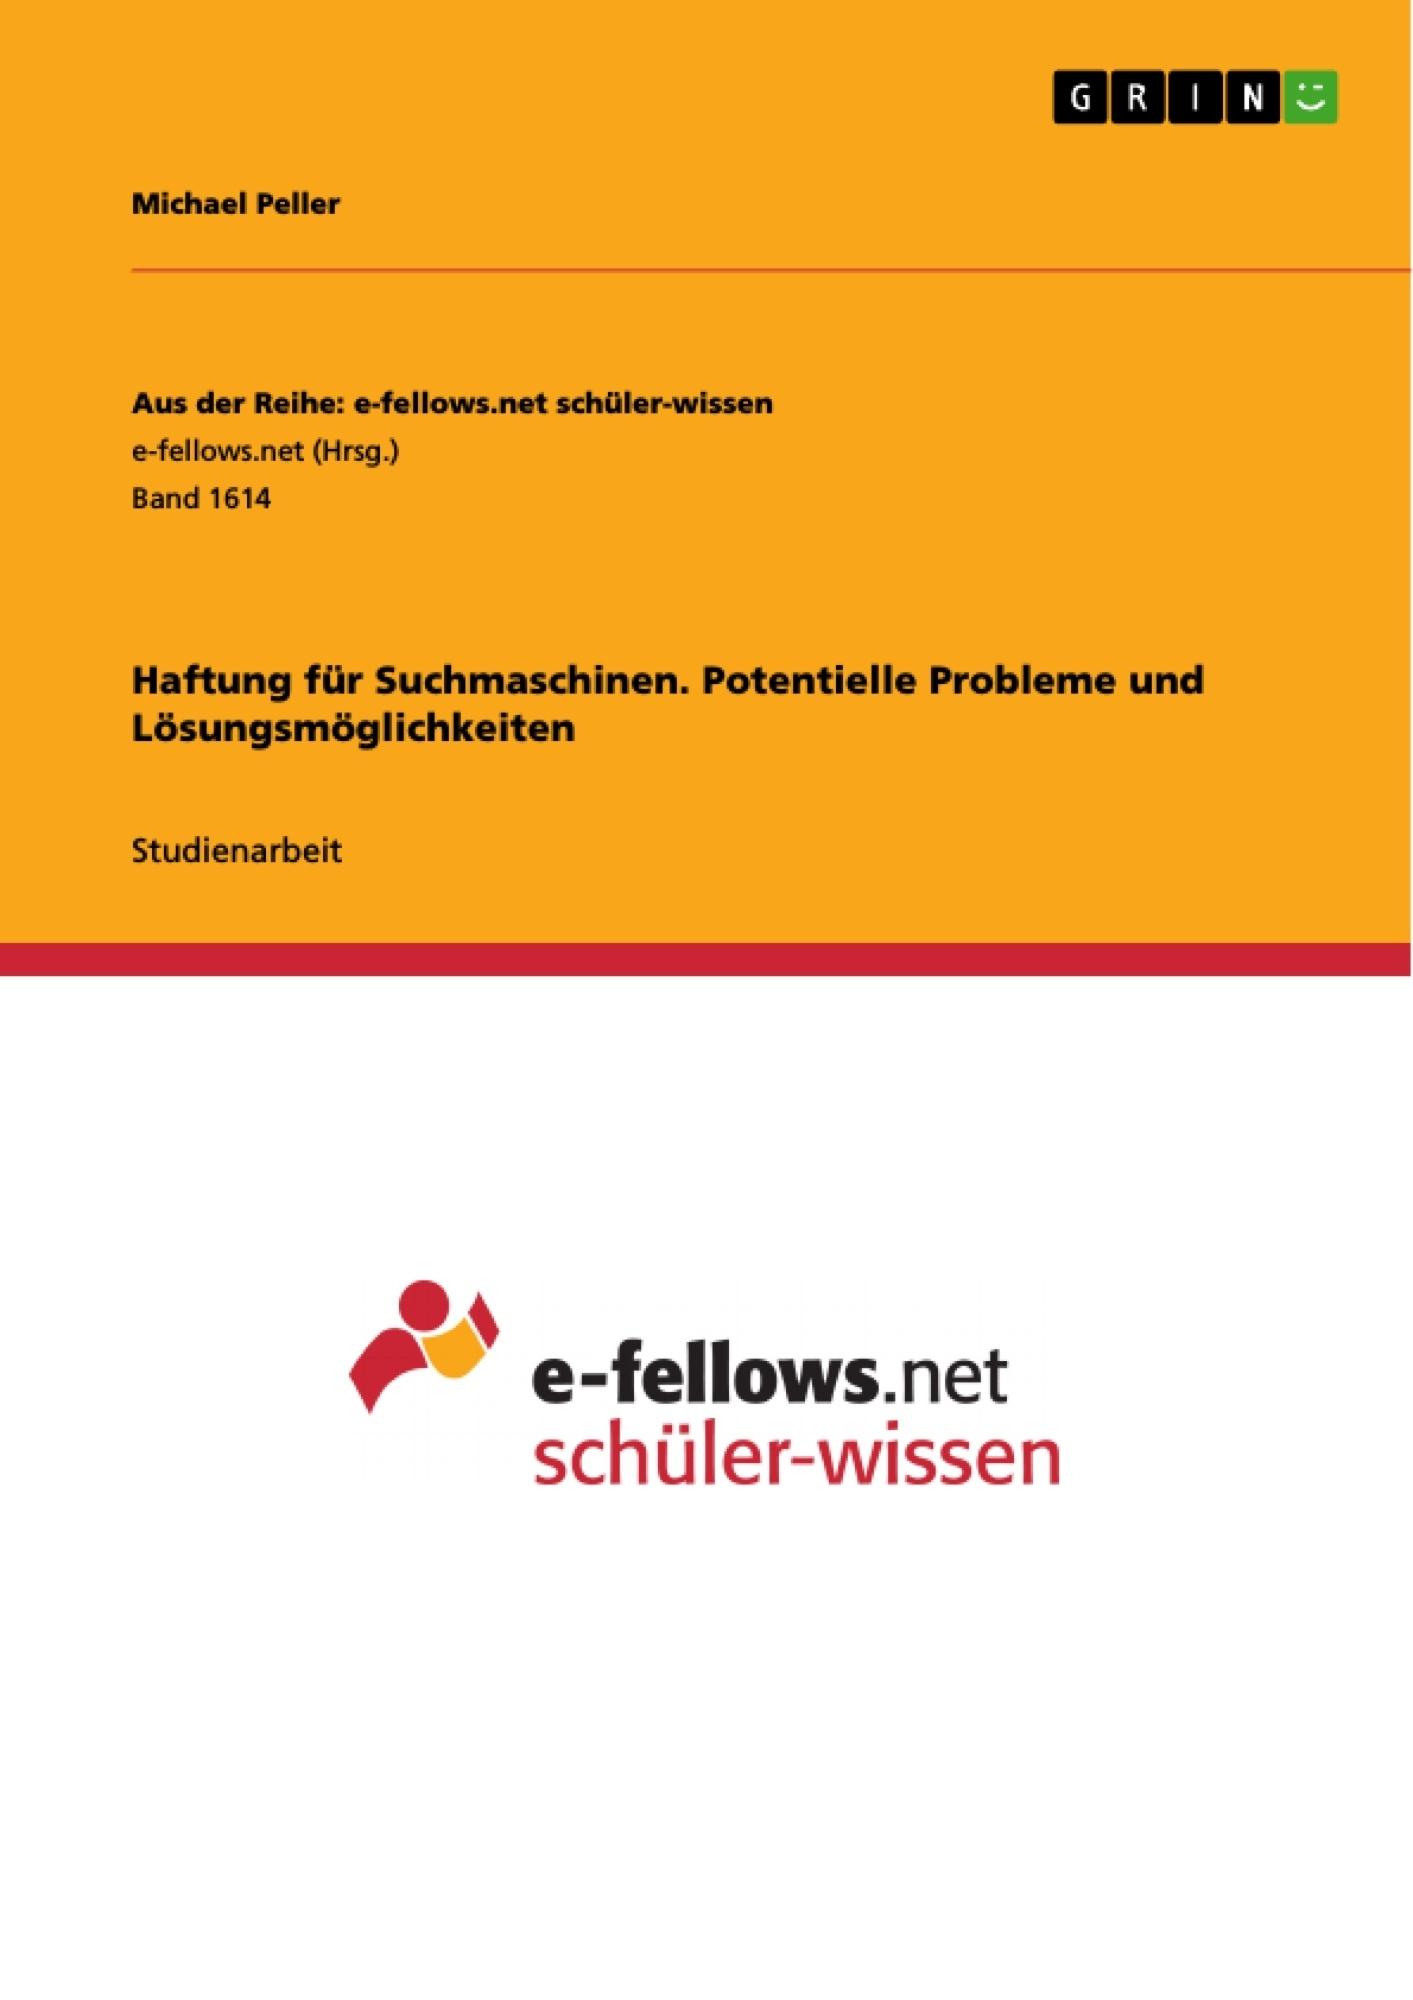 Titel: Haftung für Suchmaschinen. Potentielle Probleme und Lösungsmöglichkeiten